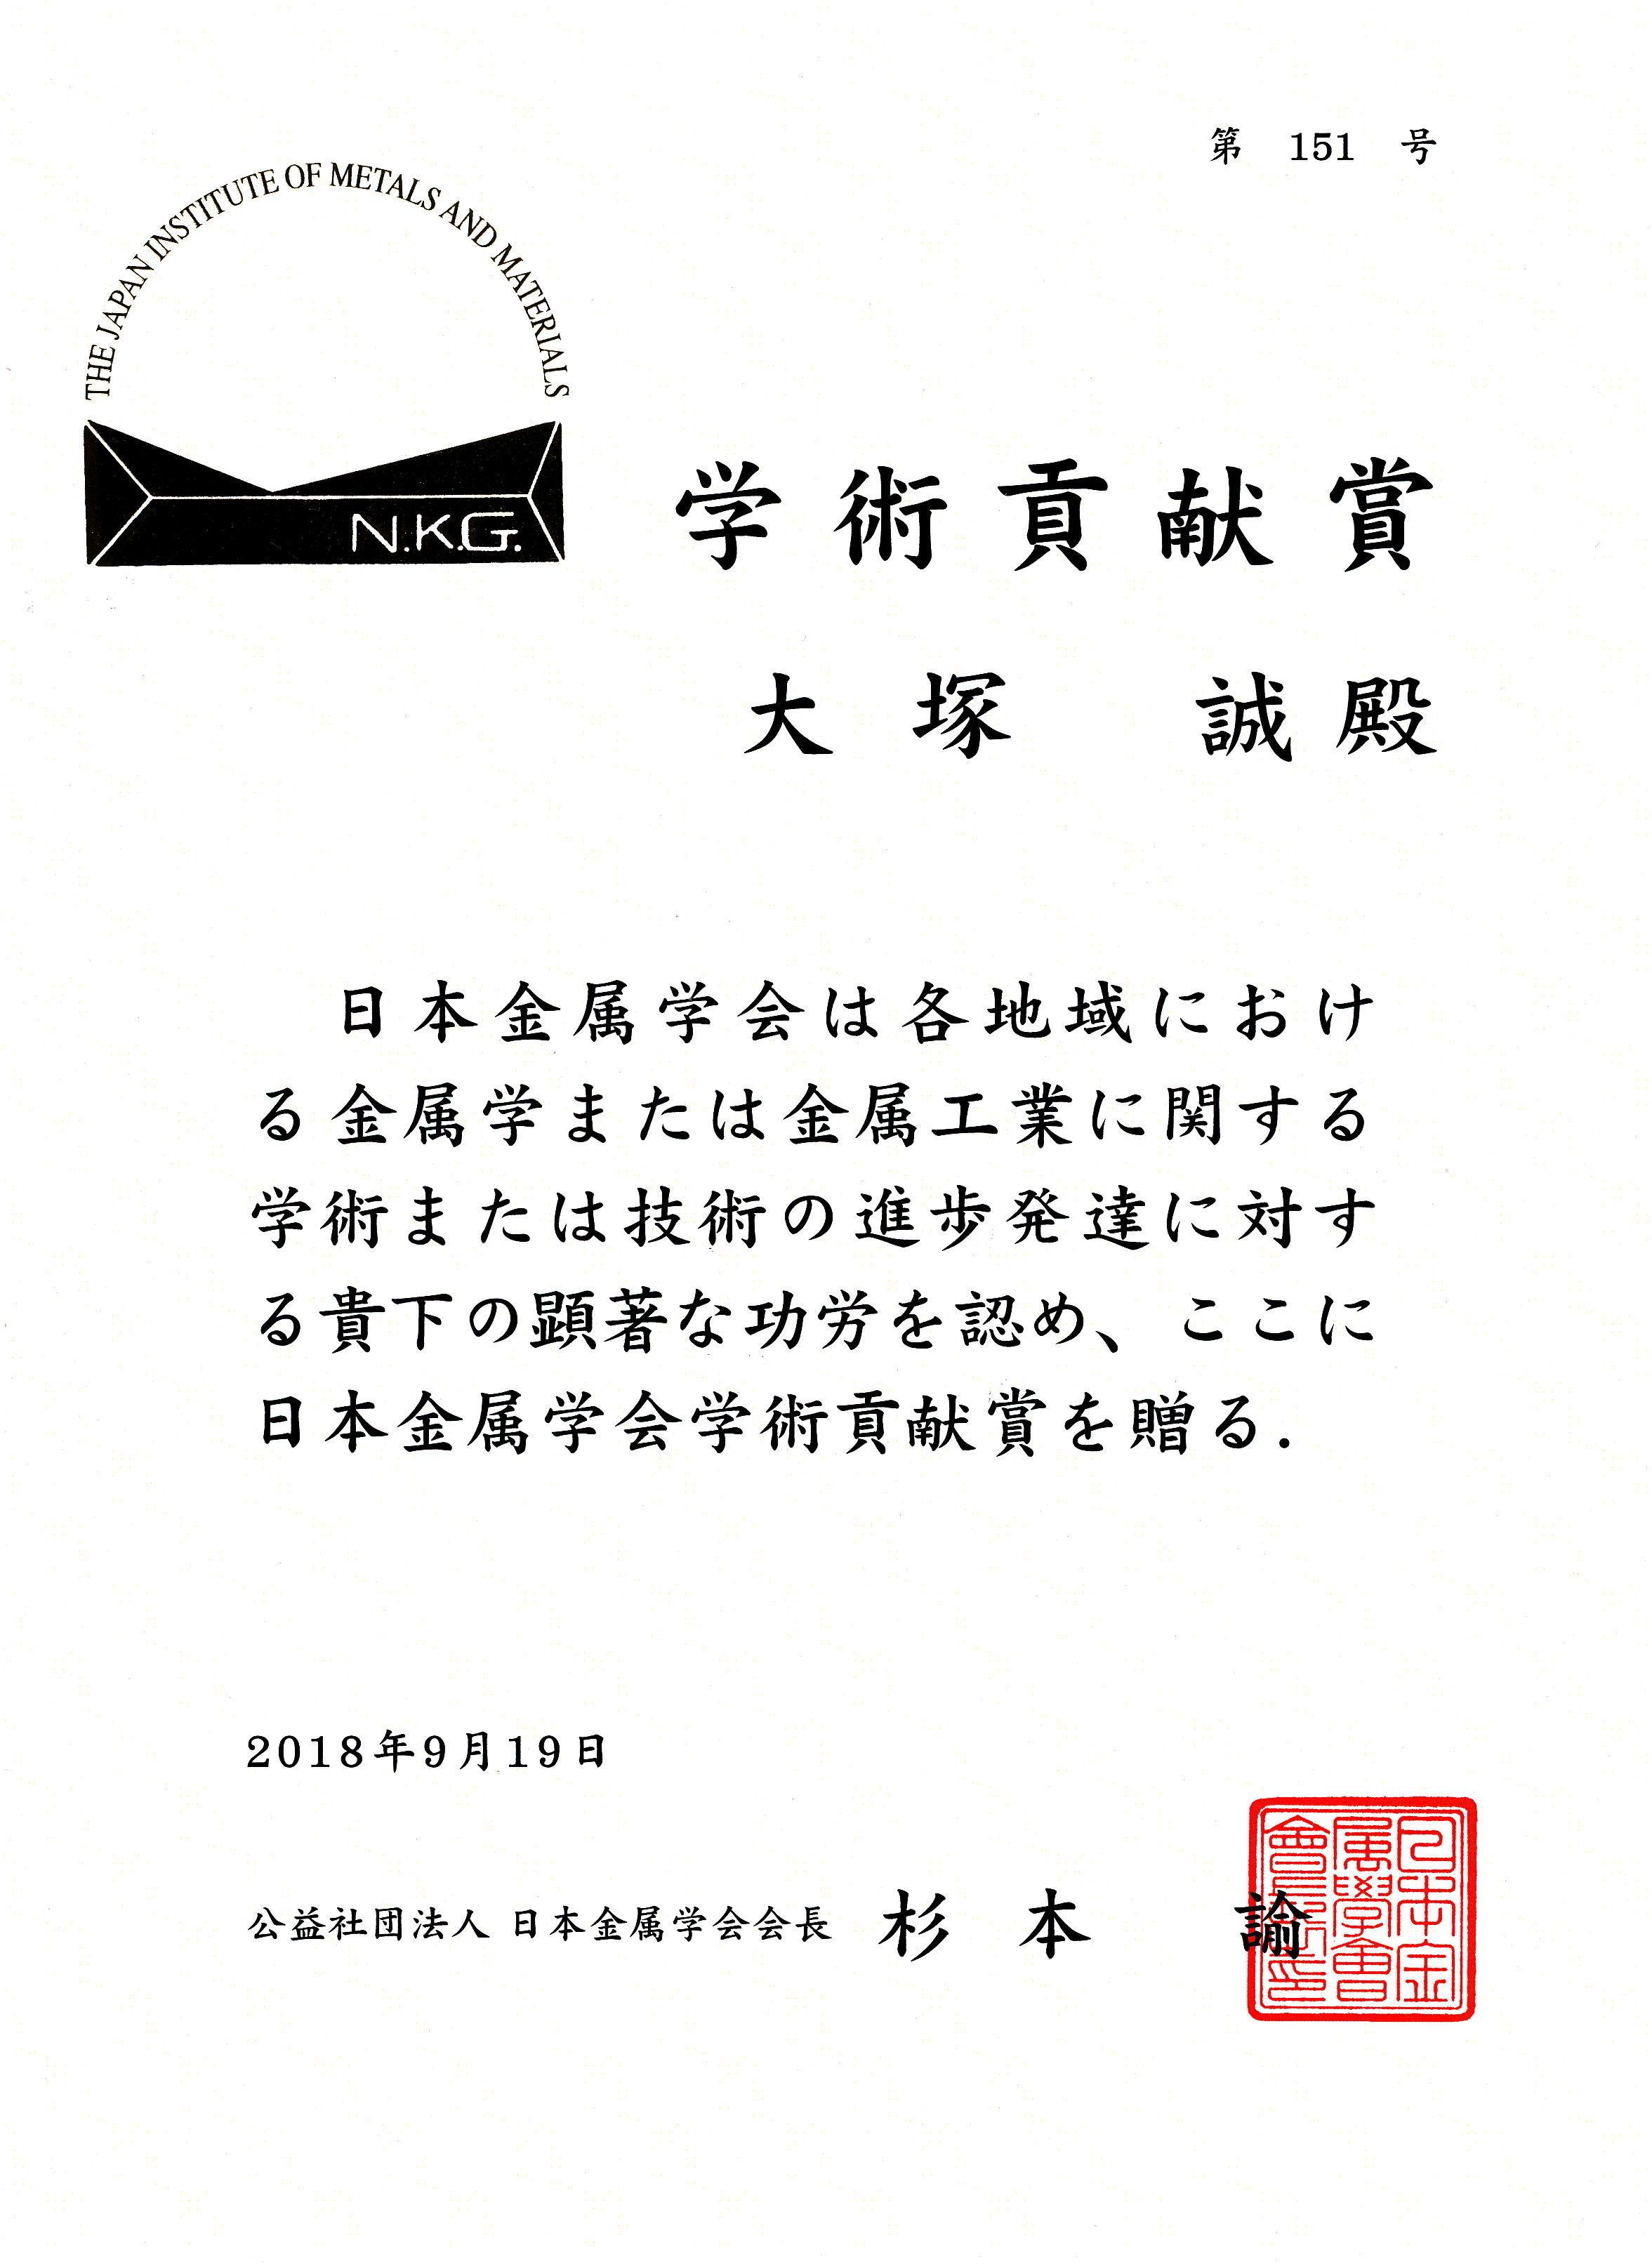 2018.09.19_金属学会学術貢献賞_賞状カラー(大塚)